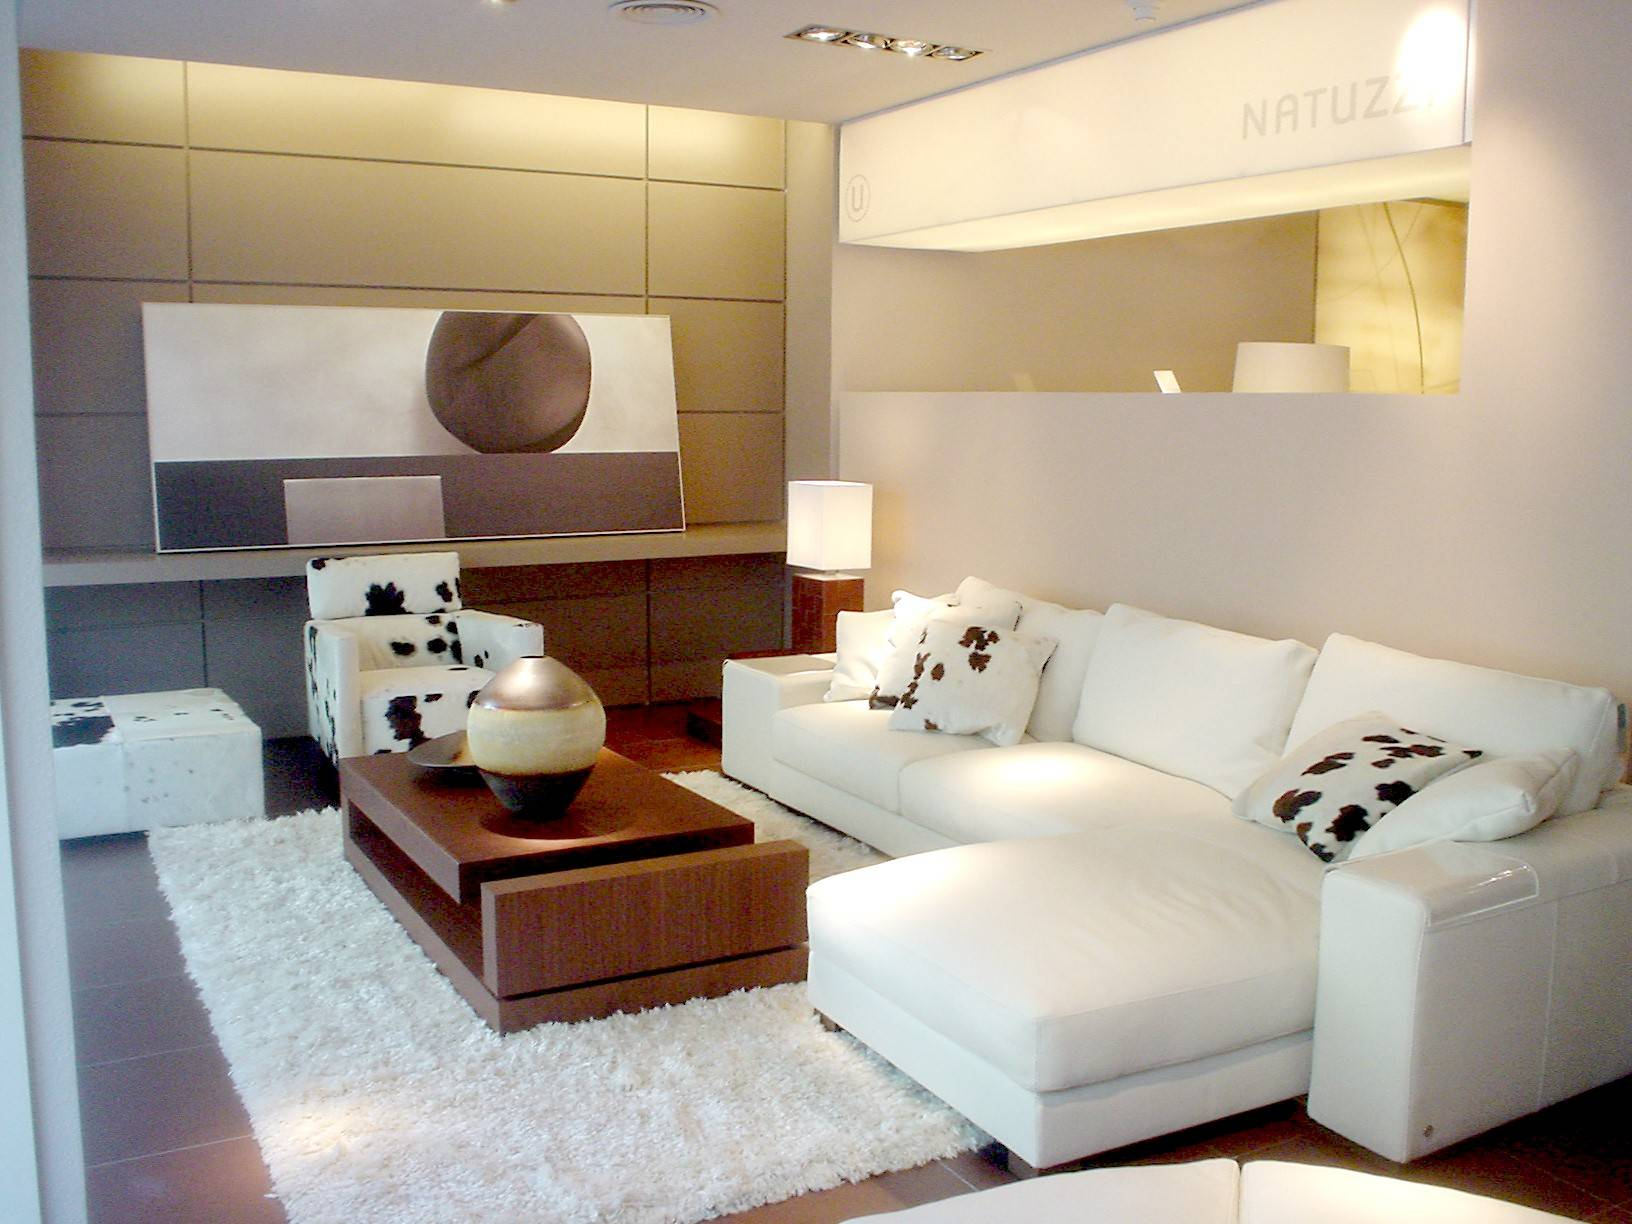 natuzzi furniture on Natuzzi